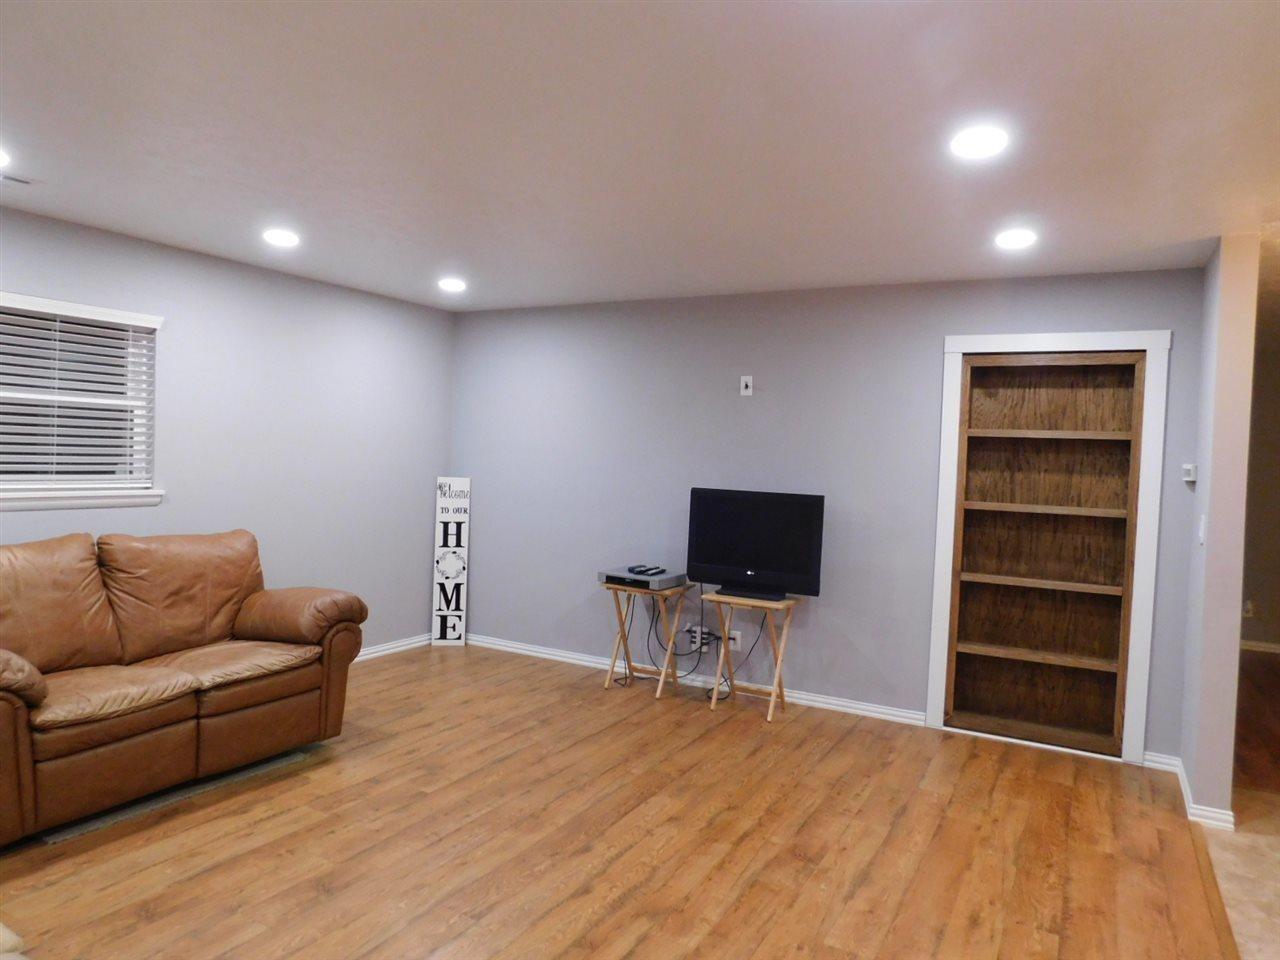 Sold Intraoffice W/MLS | 1200 Coronado Ponca City, OK 74604 4